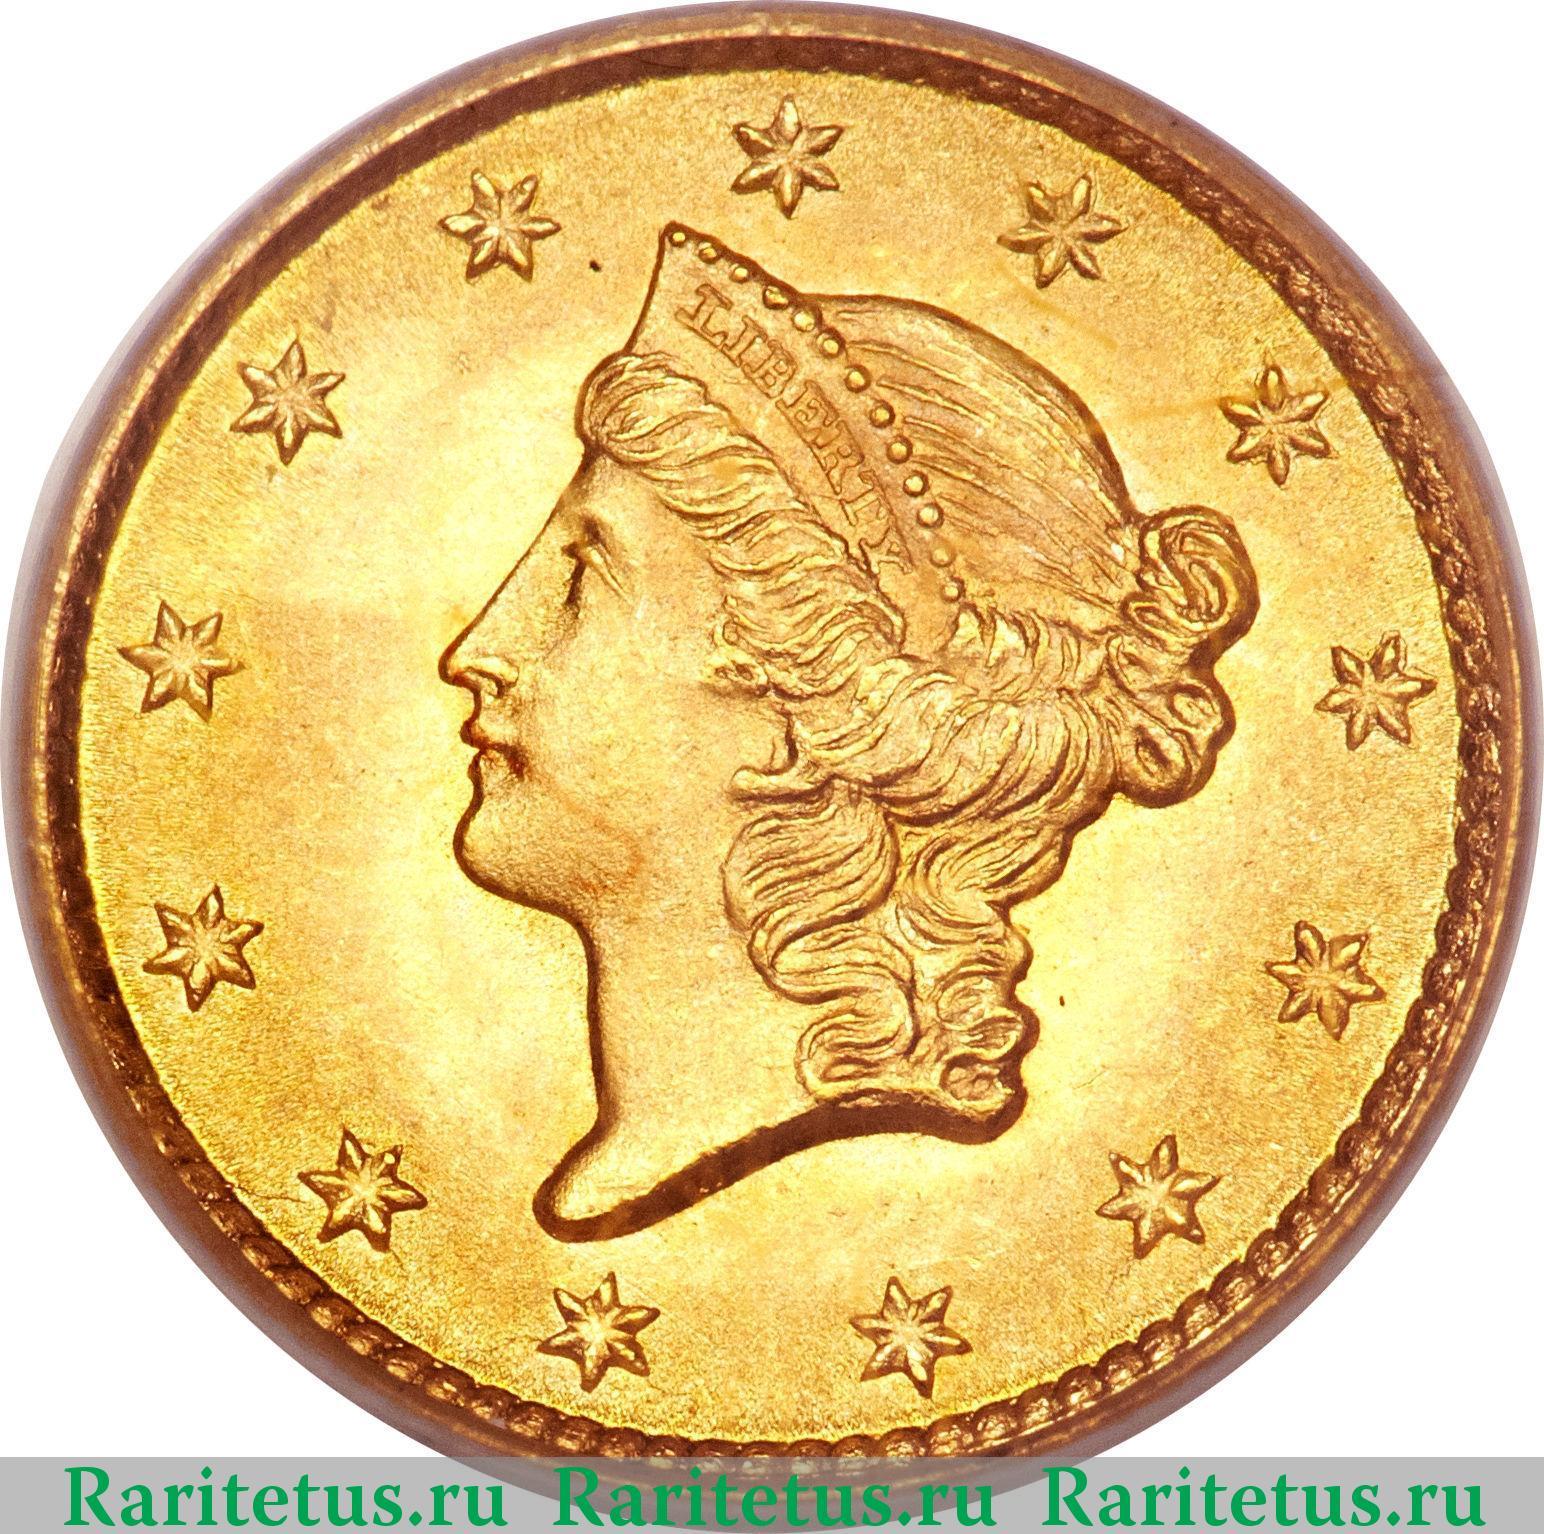 Золотой доллар сша альбомы для монет 1894